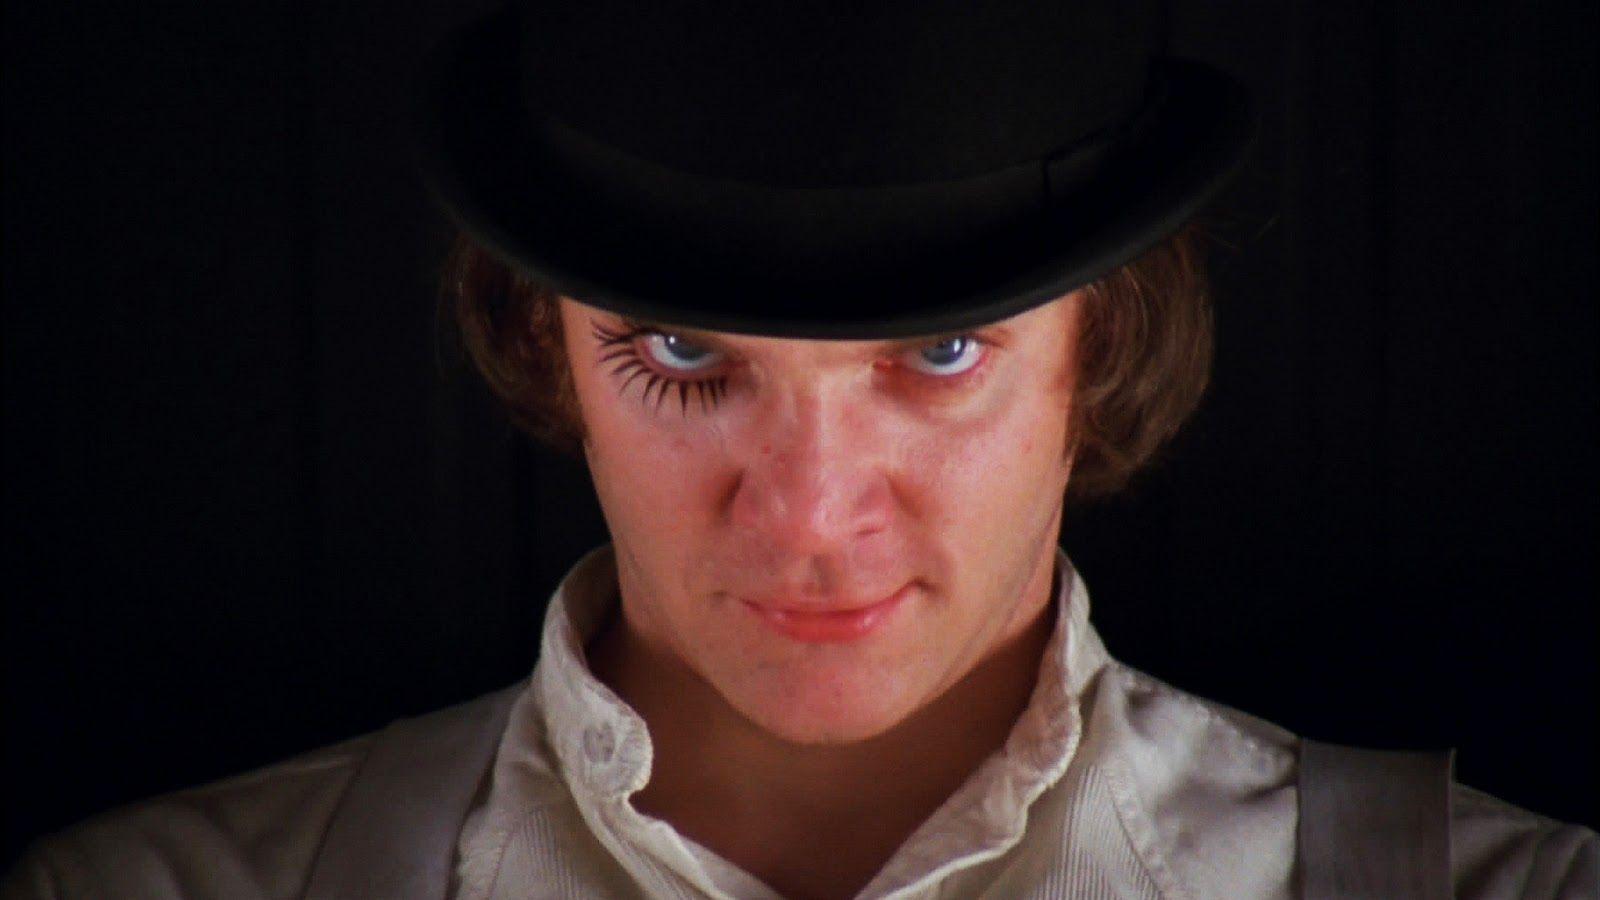 Gosta de Stanley Kubrick ou quer conhecer o trabalho do diretor? O Sesc Pinheiros, entre outubro e dezembro, está com uma mostra incrível do diretor, dentro do seu projeto Tela Clássica. Ao todo, serão nove filmes exibidos, sempre às terças-feiras. Confira a programação.